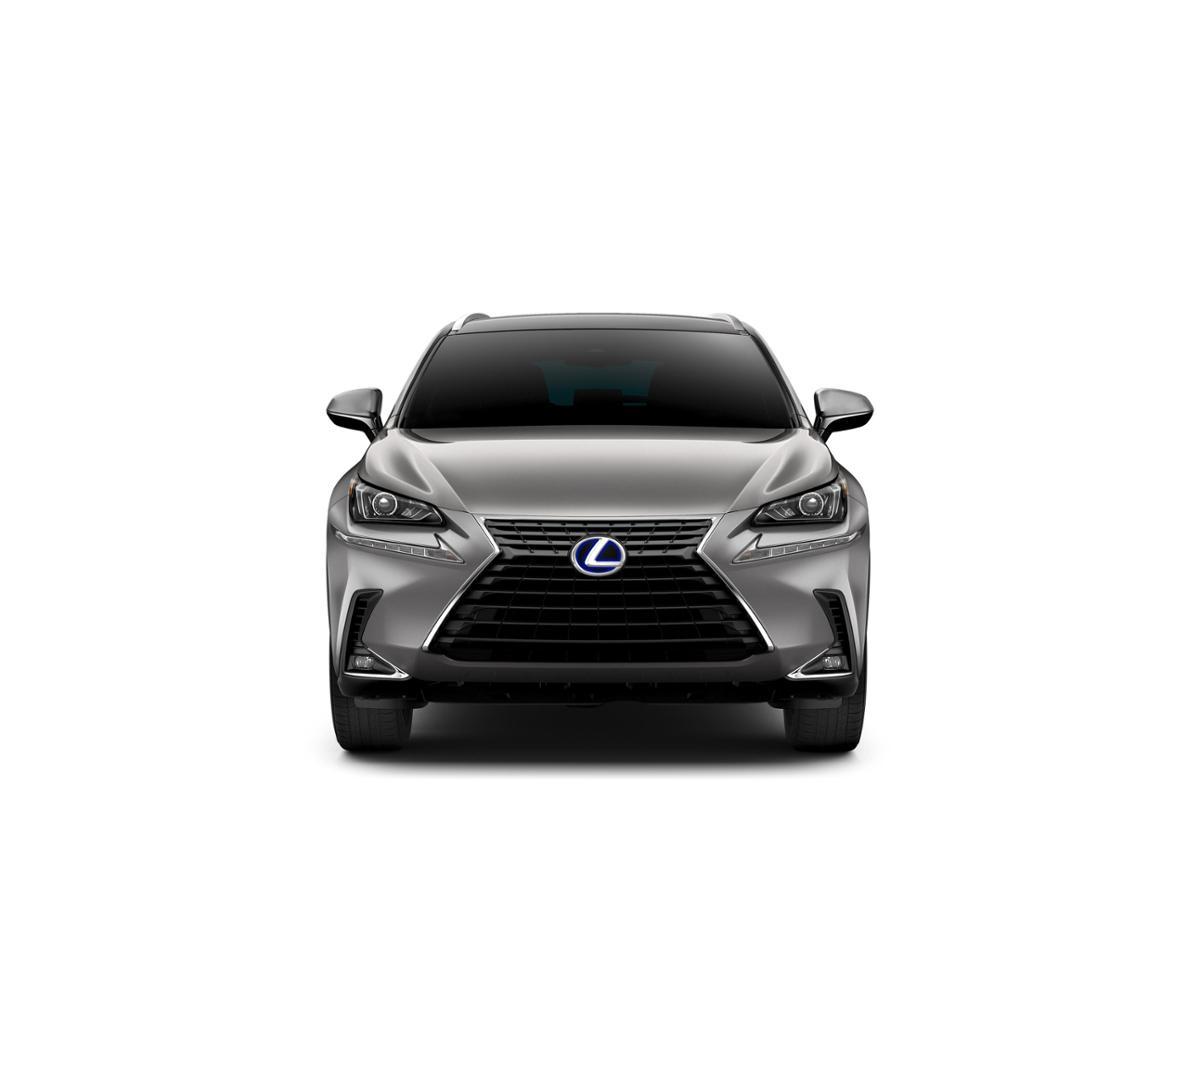 2019 Lexus NX 300h For Sale In Cerritos At Lexus Of Cerritos